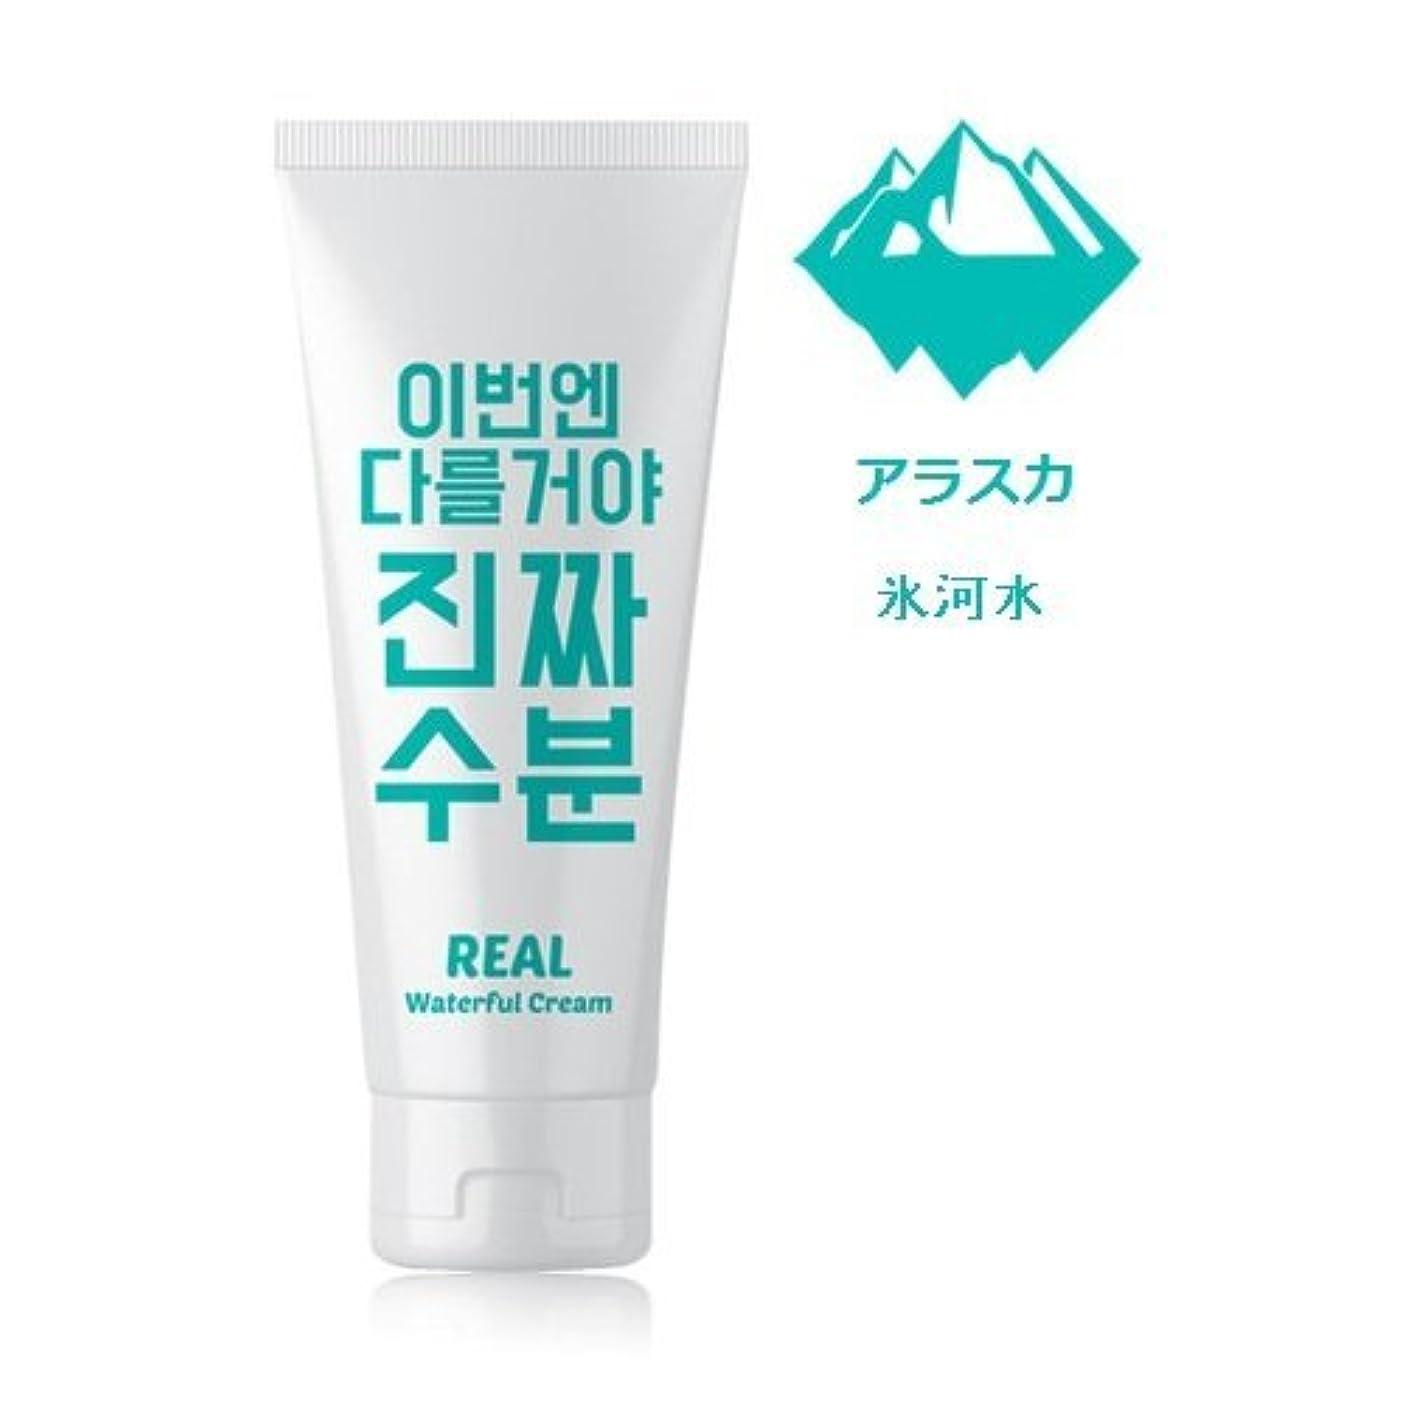 繁殖シャイニングパイロット[1+1]Jaminkyung [FREE MARK] Real Waterful Cream 200g*2EA ジャミンギョン[フリーマーク]今度は違うぞ!! 本当の水分クリーム [並行輸入品]